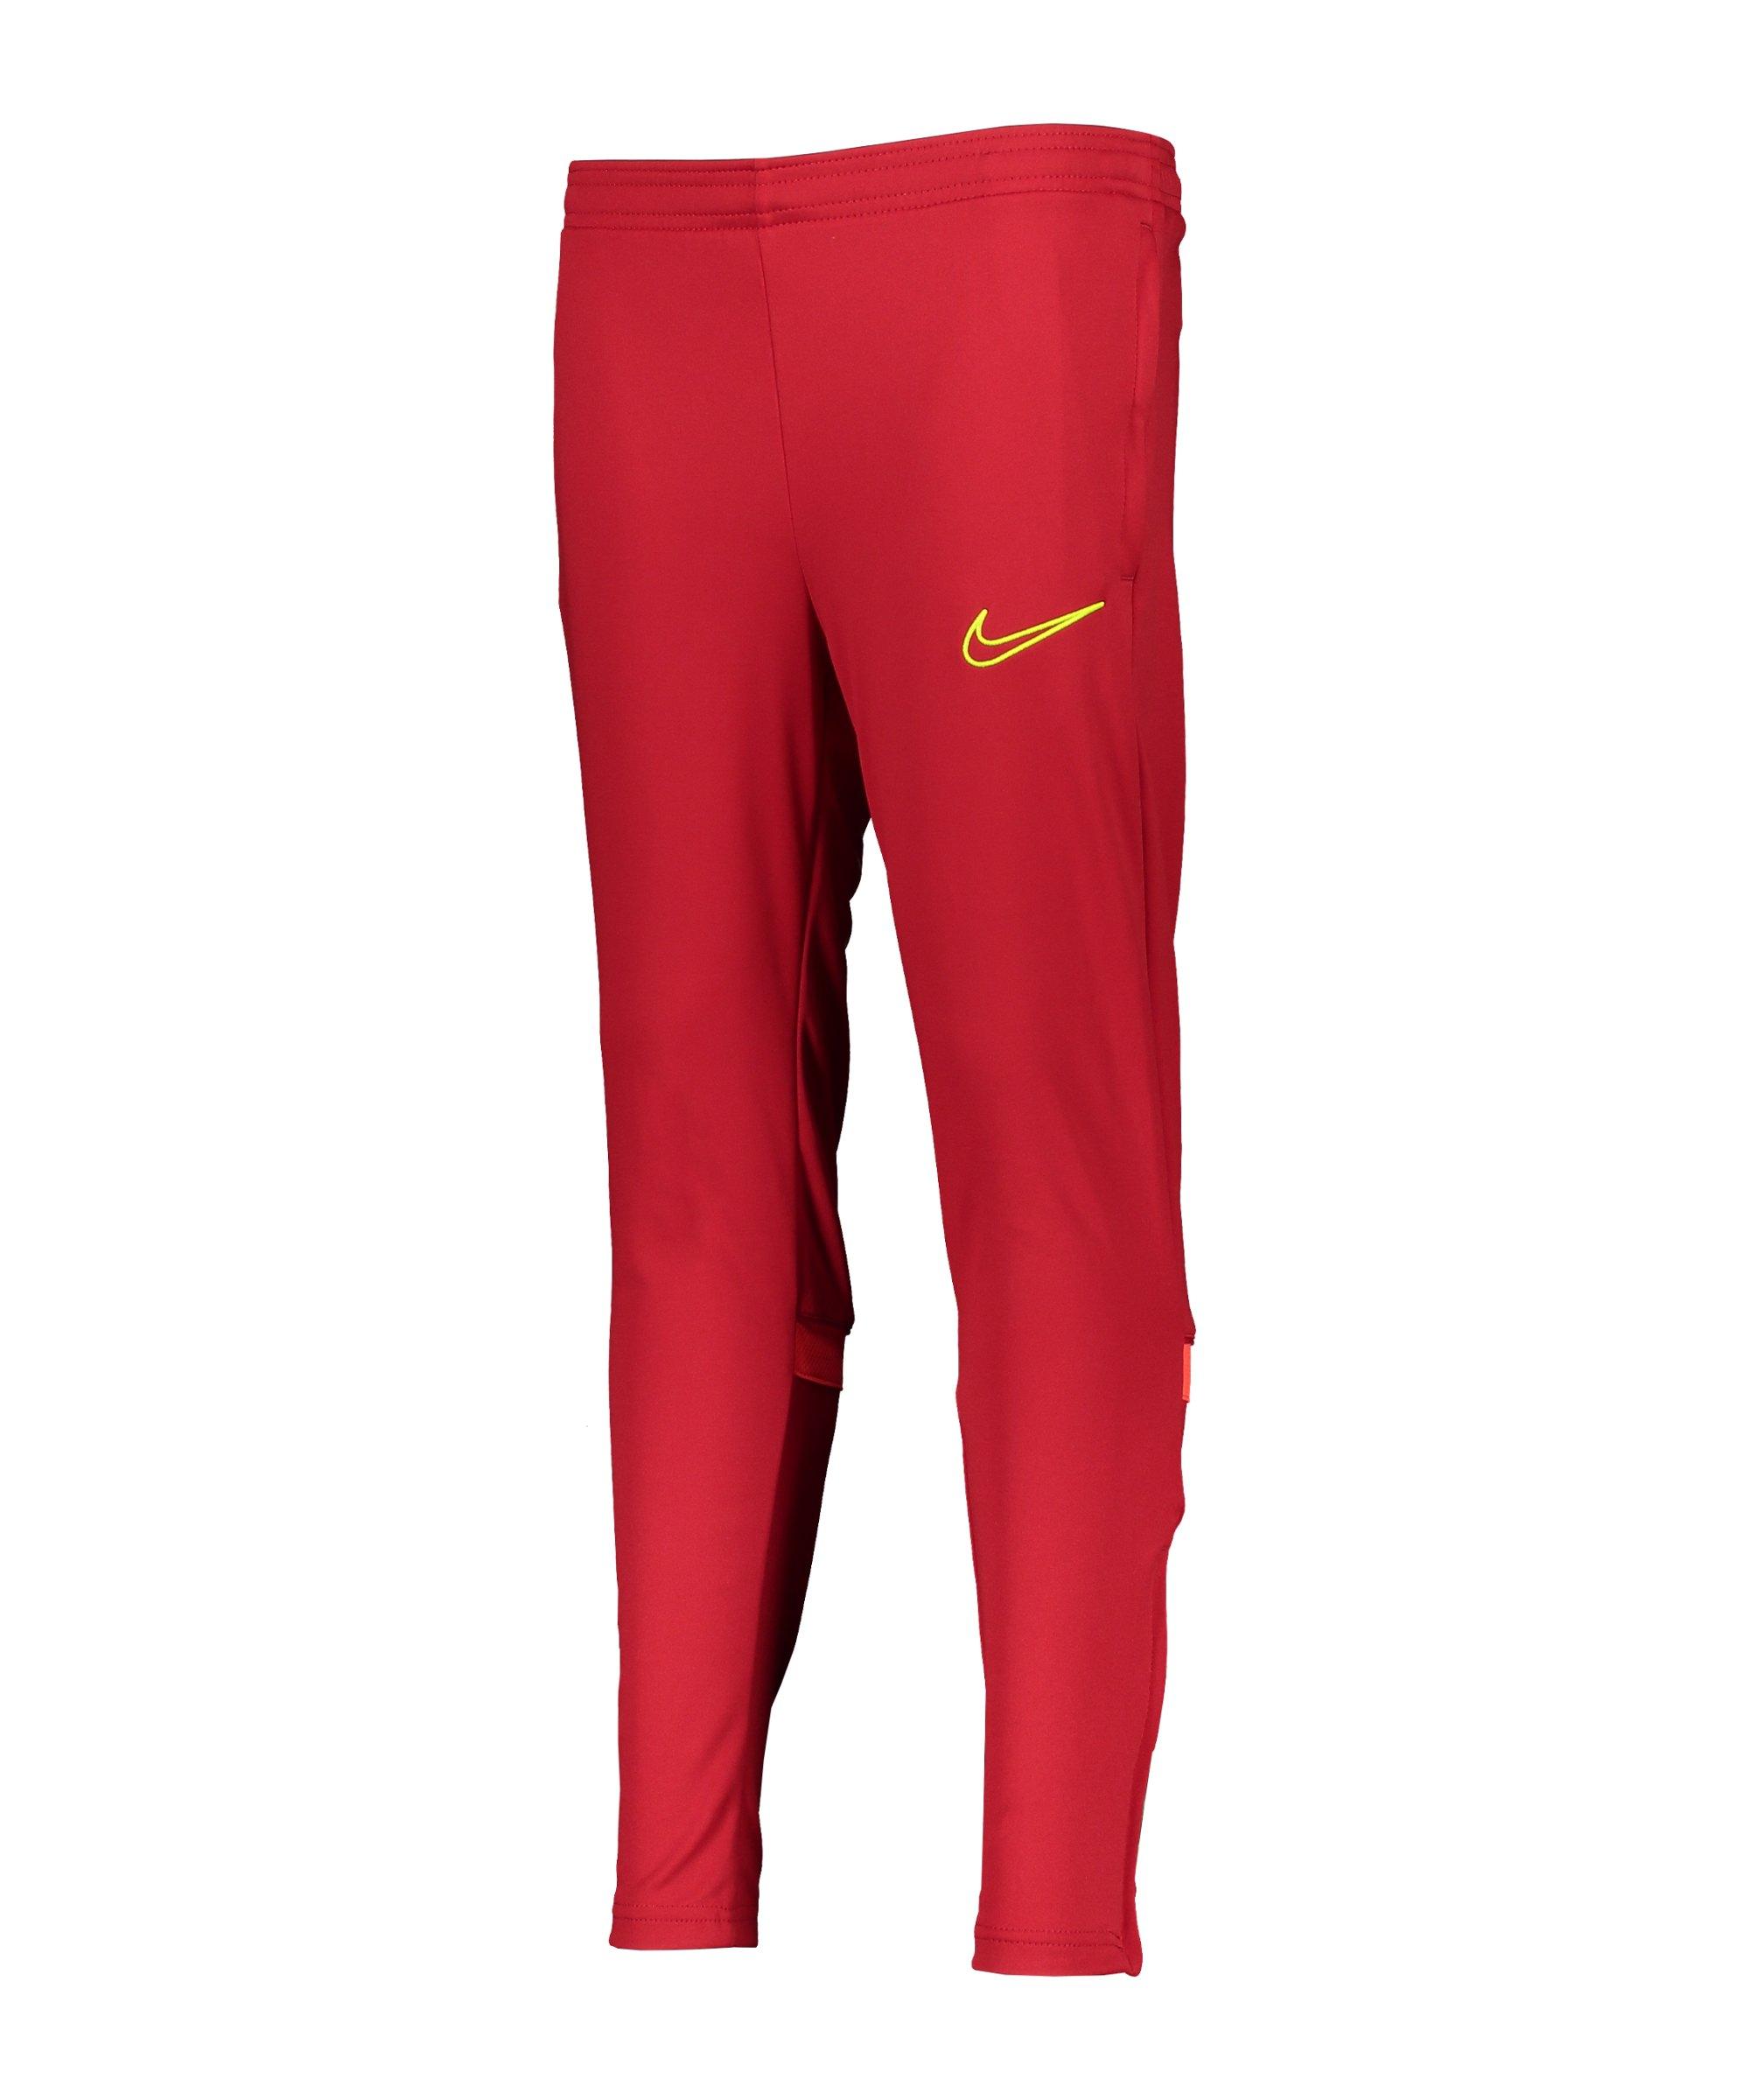 Nike Academy 21 Trainingshose Kids Rot F687 - rot